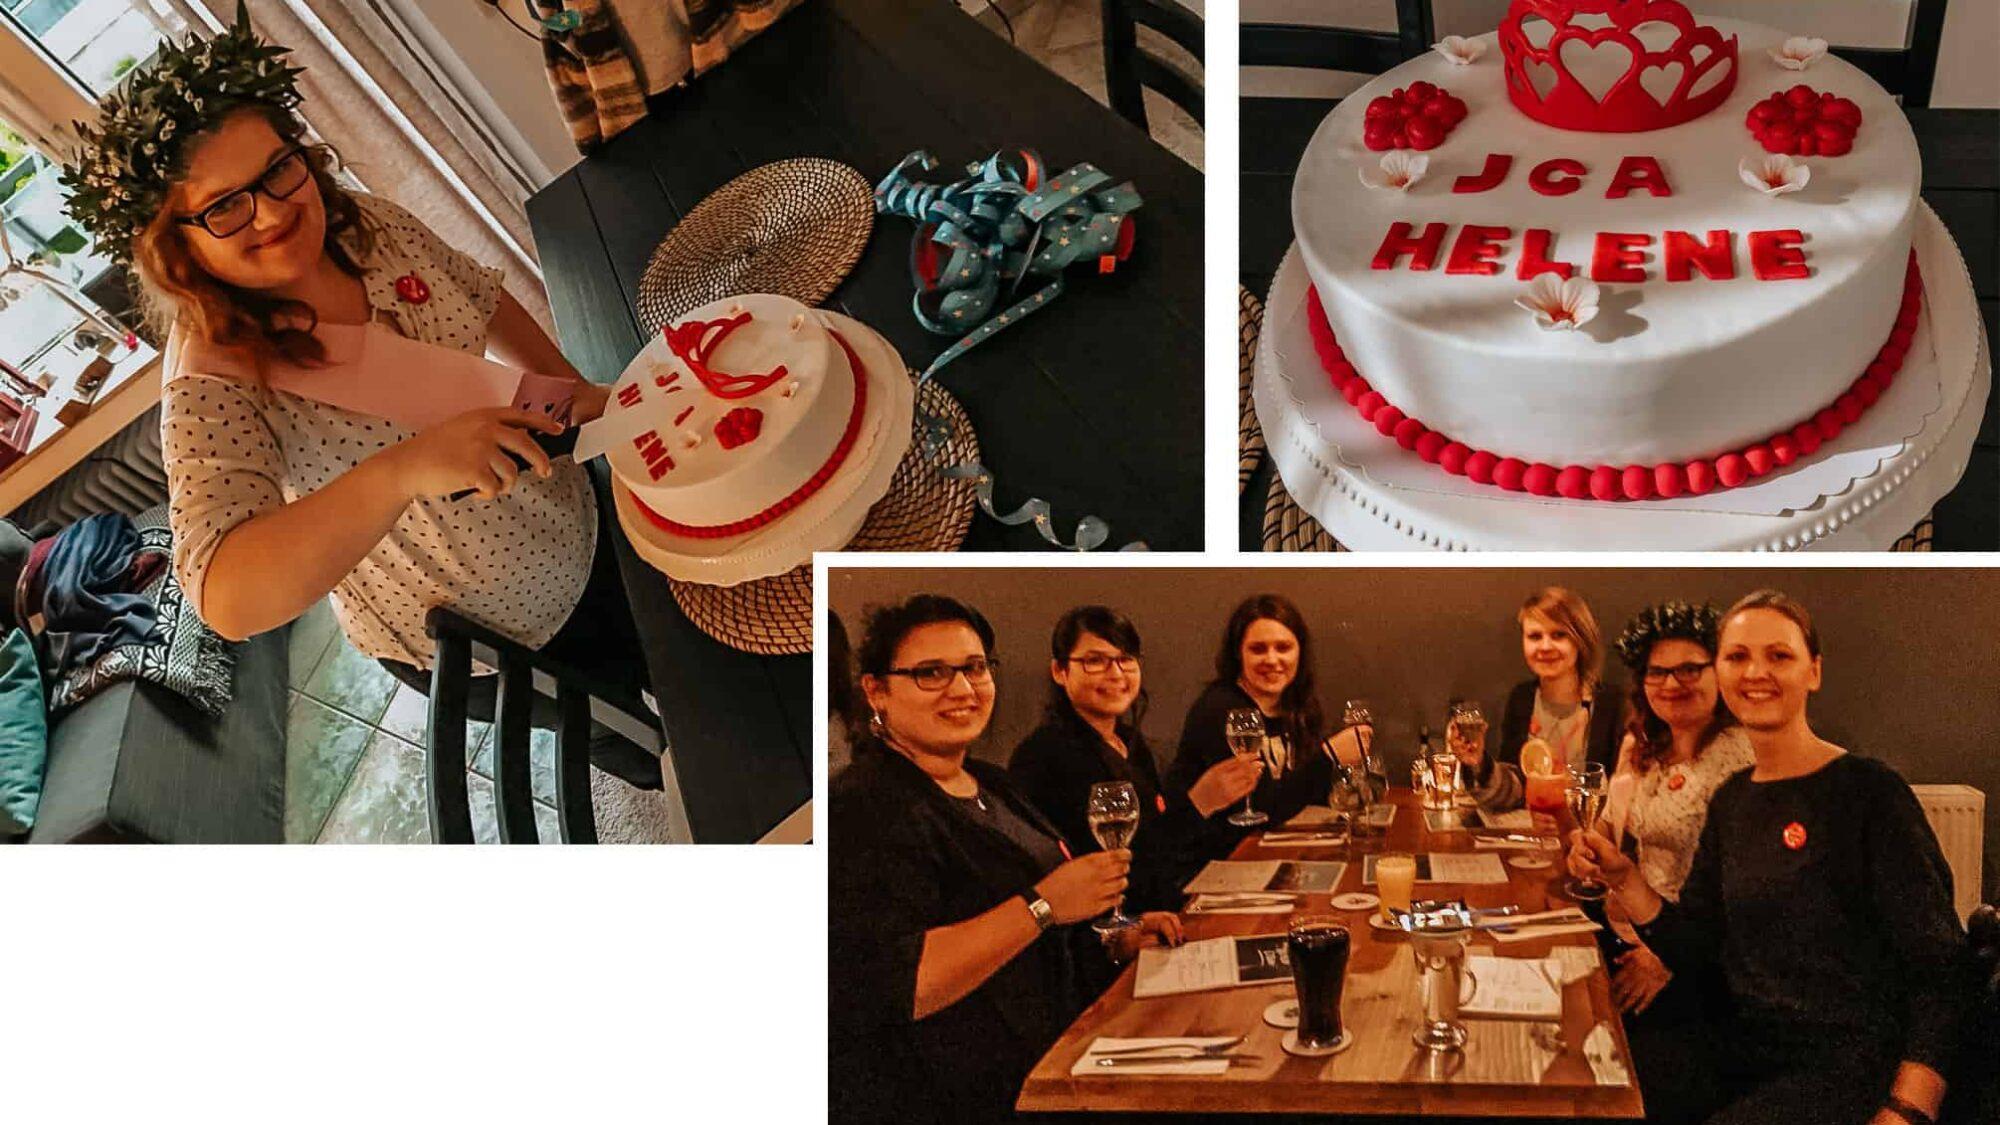 JGA Torte, Blumenkranz und Cocktails